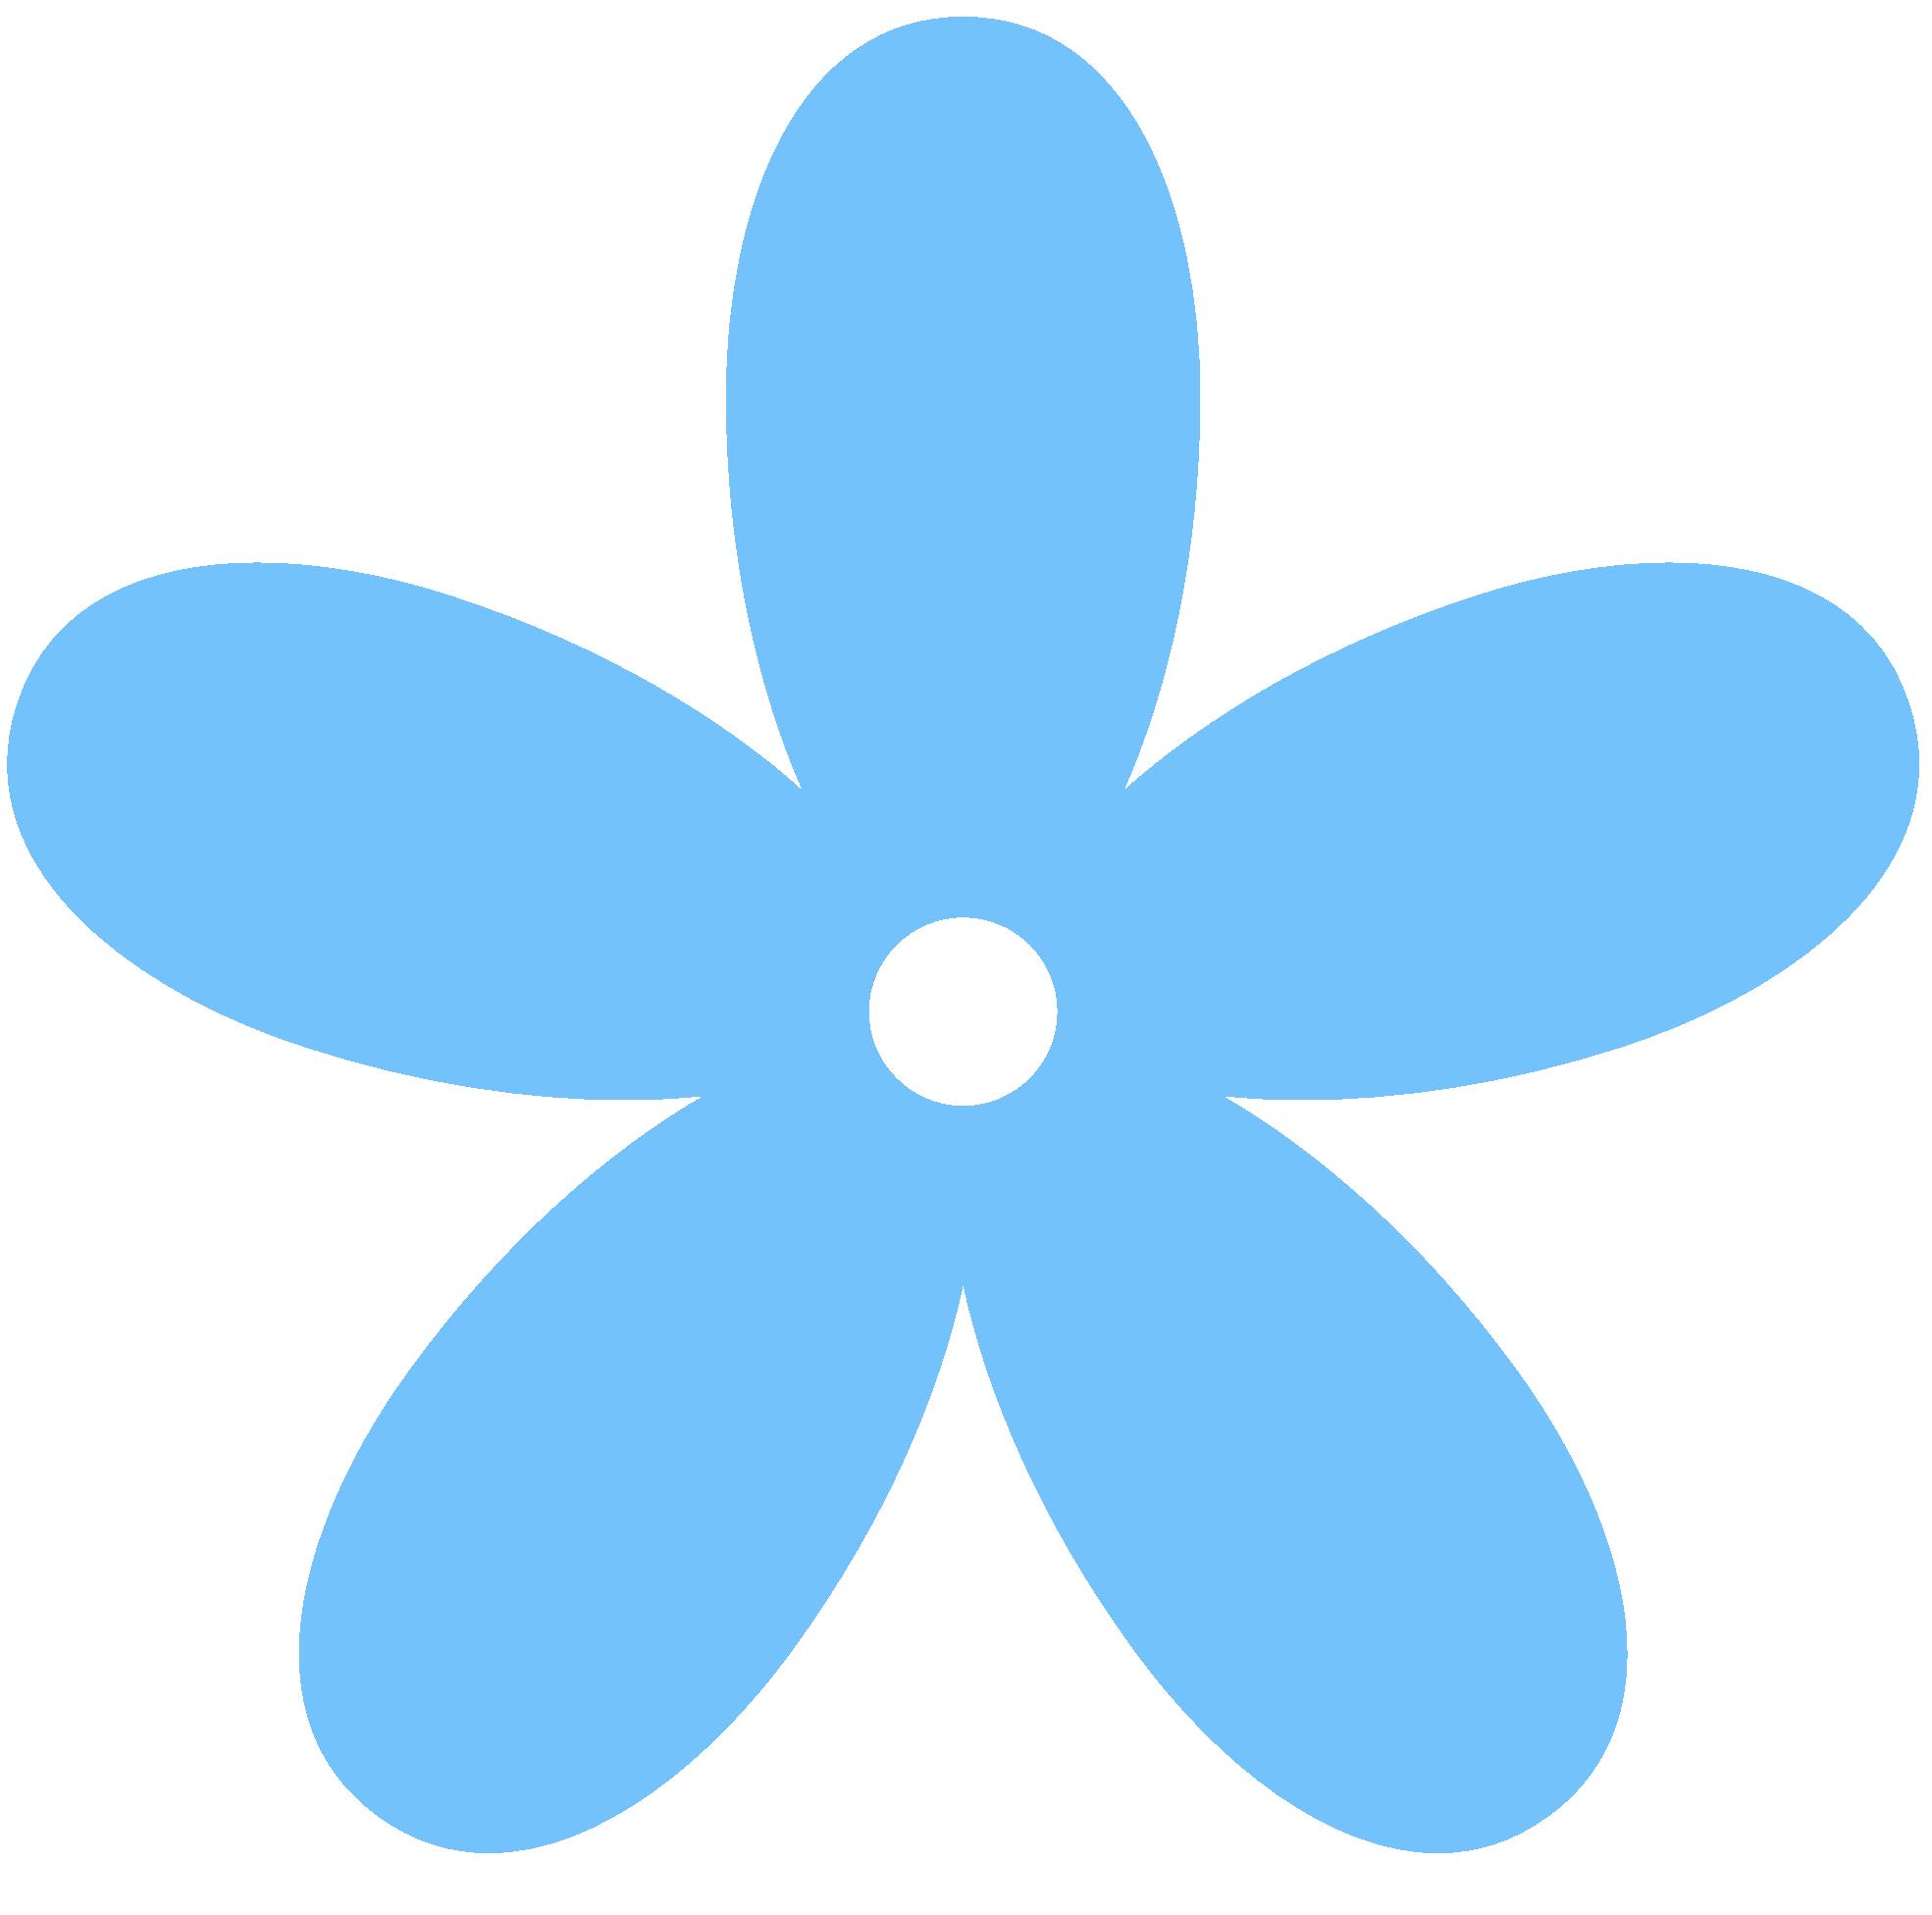 Blue Color Clipart-blue color clipart-0